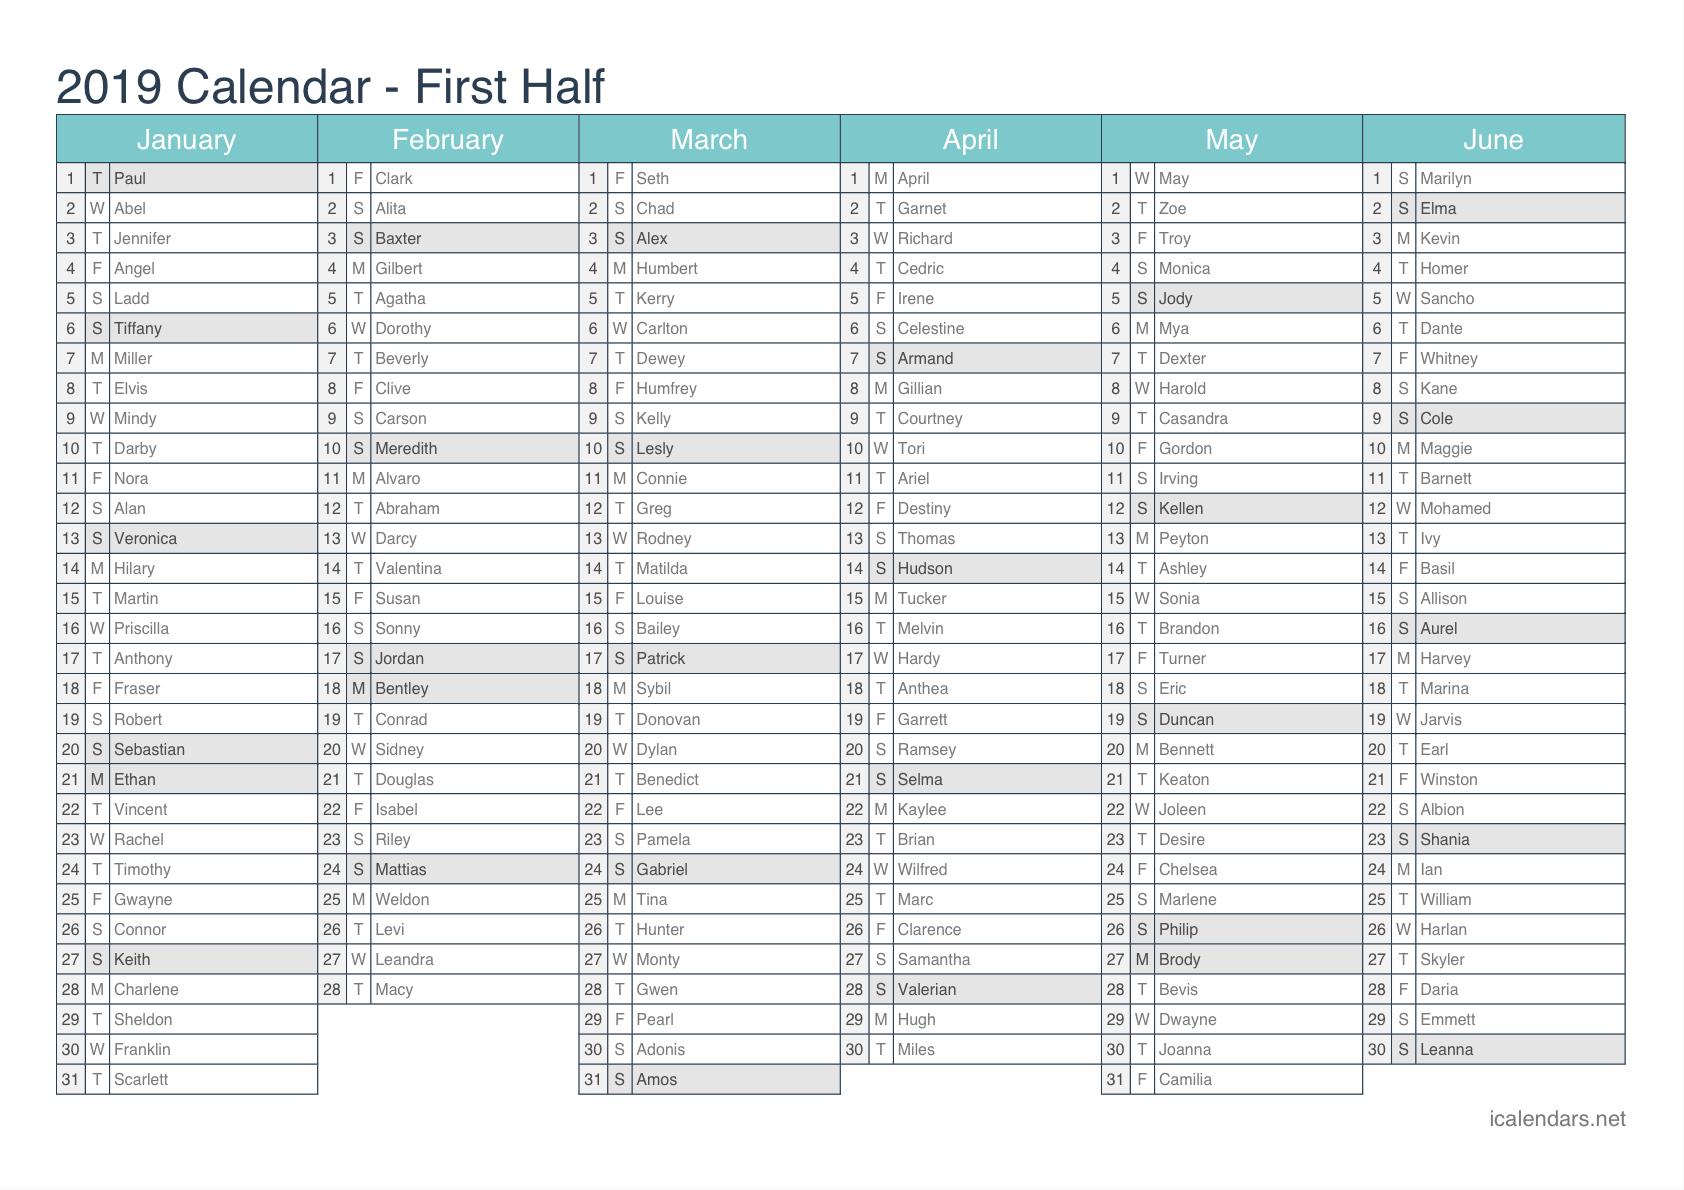 2019 Printable Calendar – Pdf Or Excel – Icalendars Calendar 2019 Excel With Week Numbers